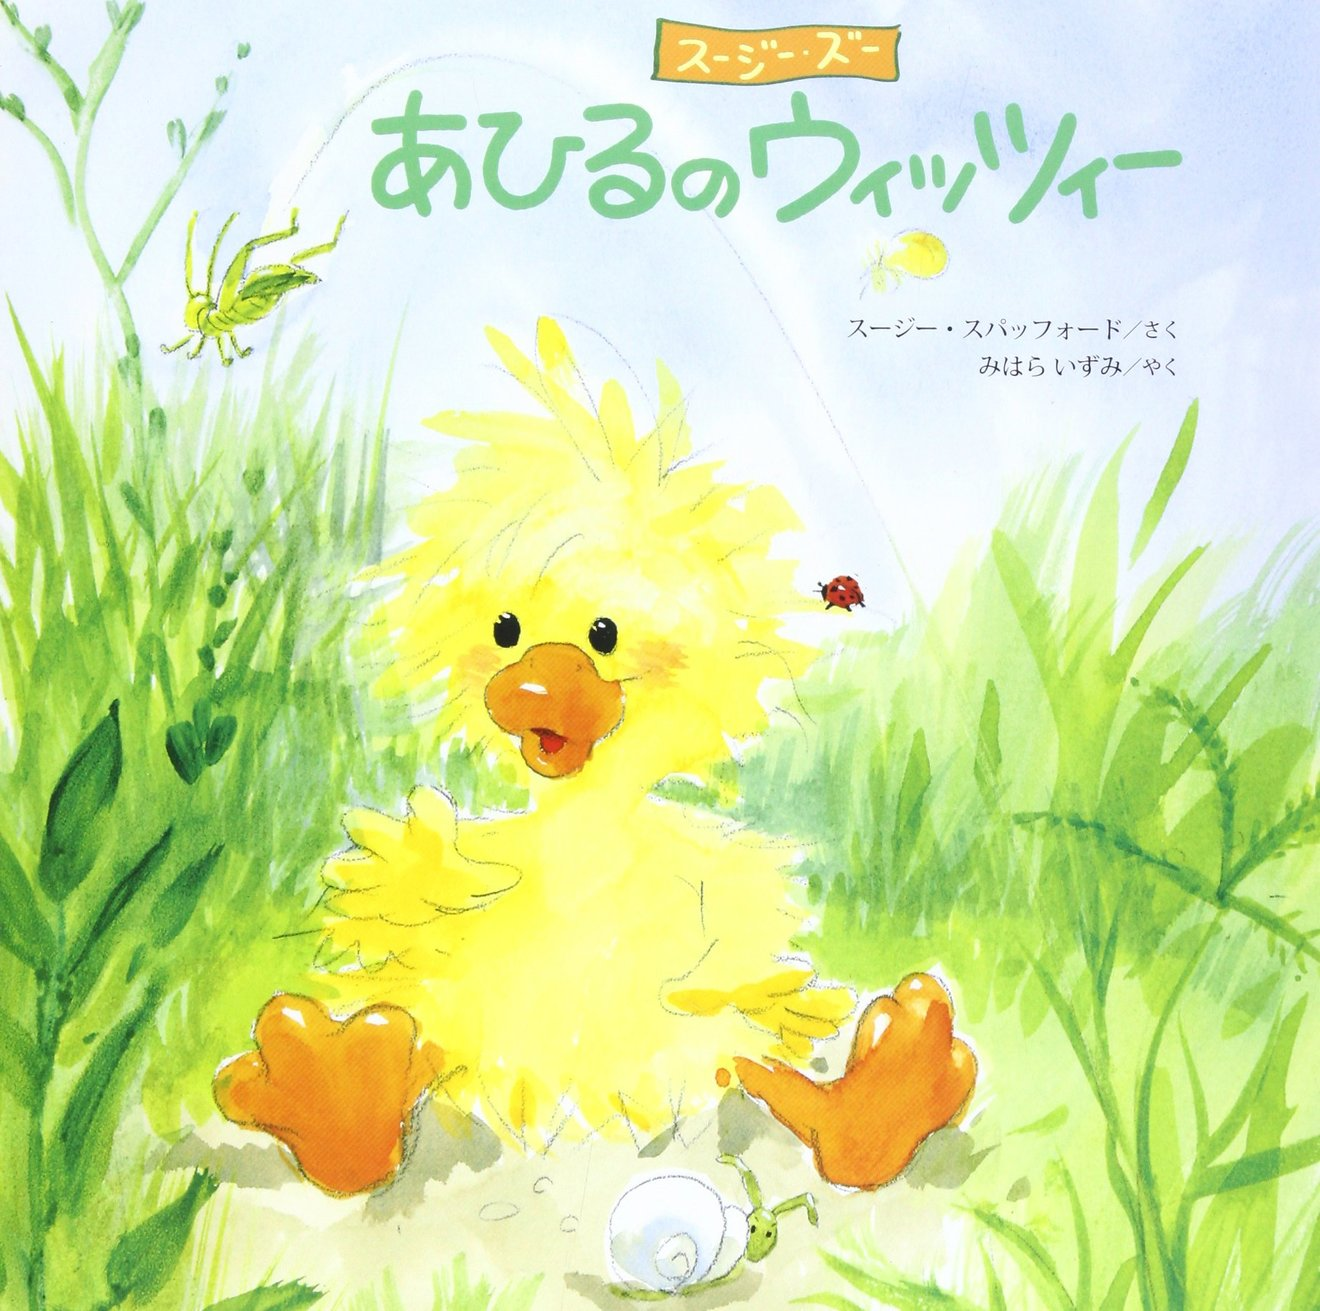 「スージー・ズー」シリーズのおすすめ絵本5選!可愛いふわふわキャラ